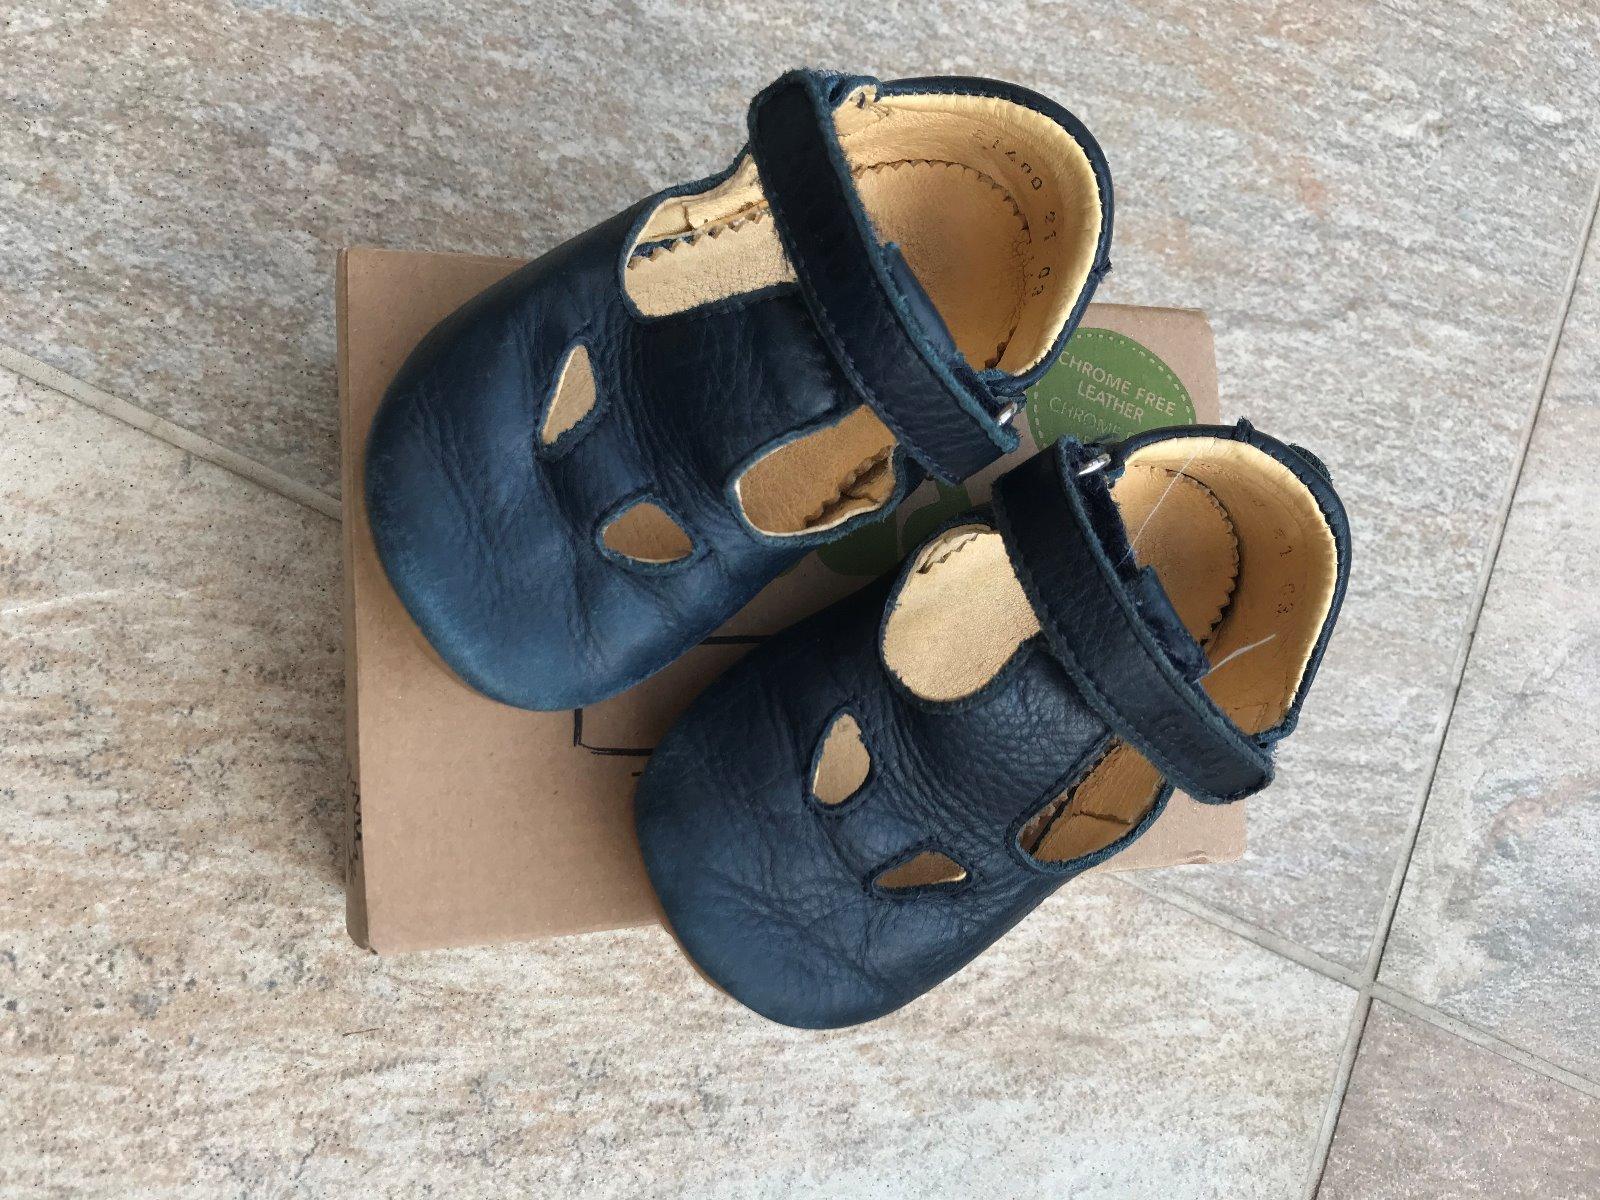 9315024105f9 Dětské sandálky froddo prewalkers vel. 21